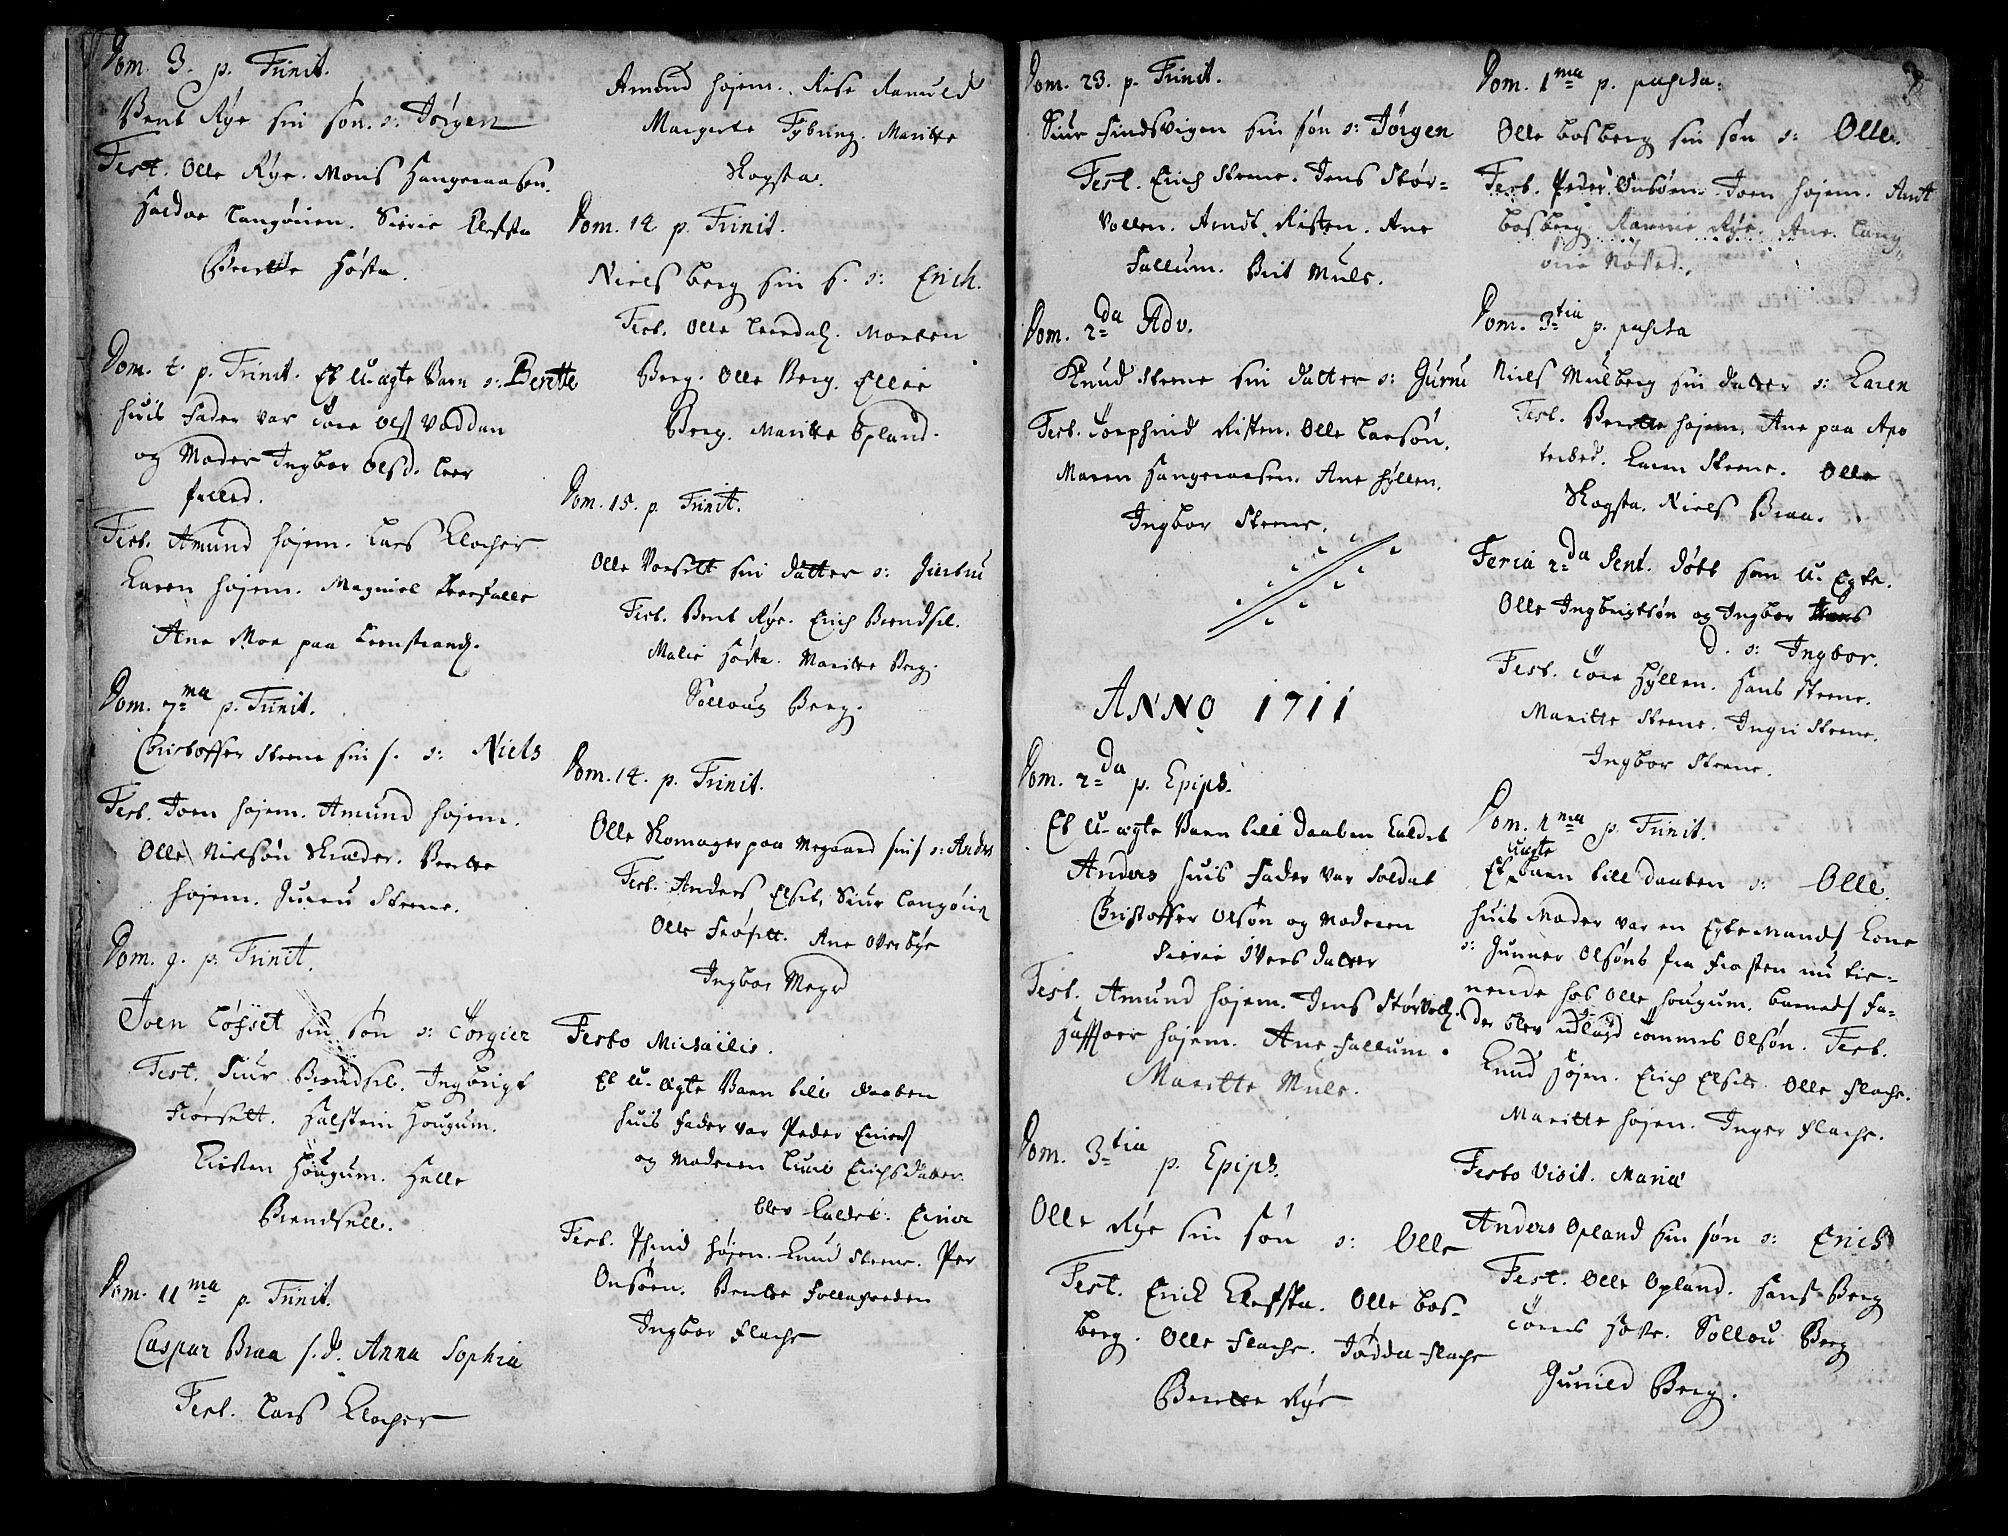 SAT, Ministerialprotokoller, klokkerbøker og fødselsregistre - Sør-Trøndelag, 612/L0368: Ministerialbok nr. 612A02, 1702-1753, s. 8